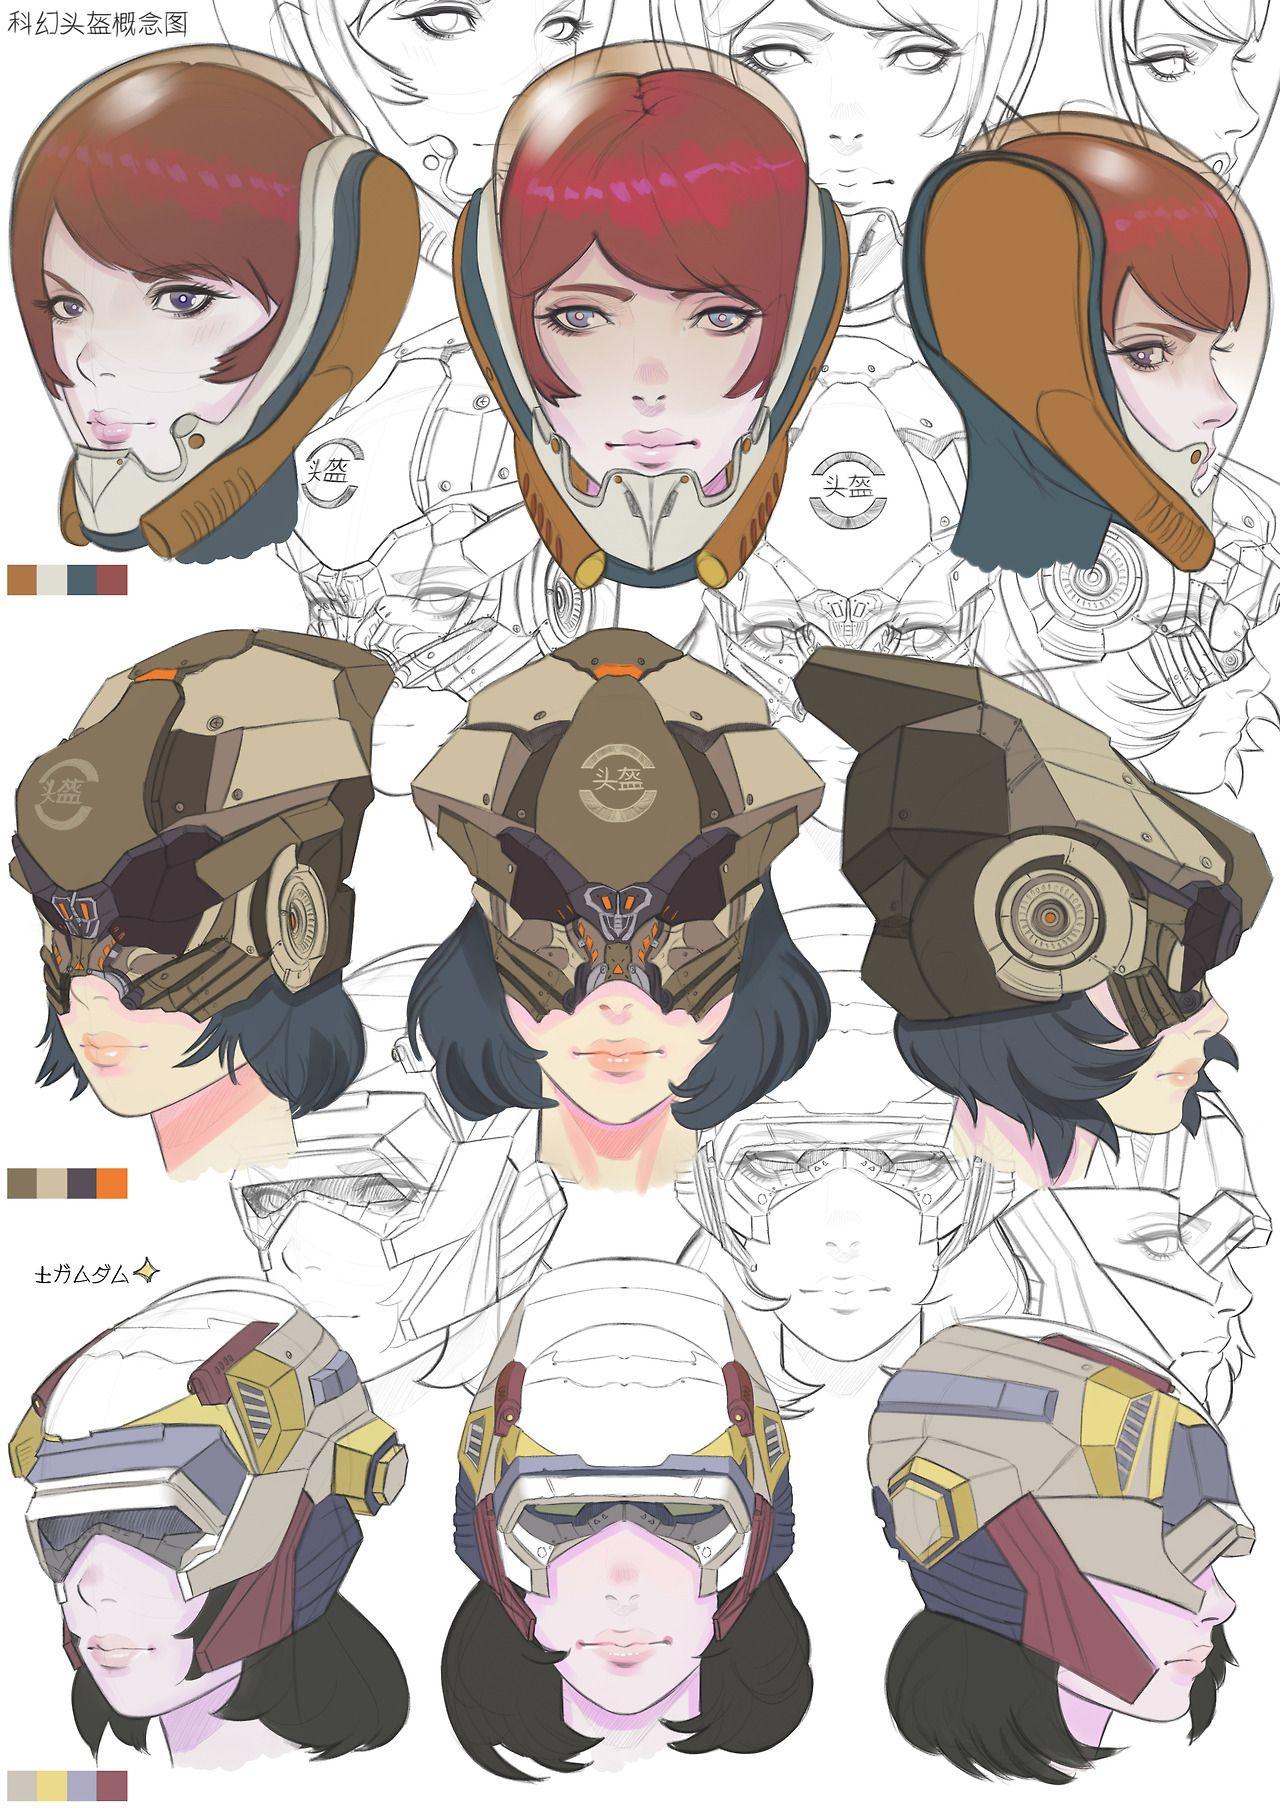 Helmet Helmet Anime Design Anime character design theme wallpaper. helmet helmet anime design